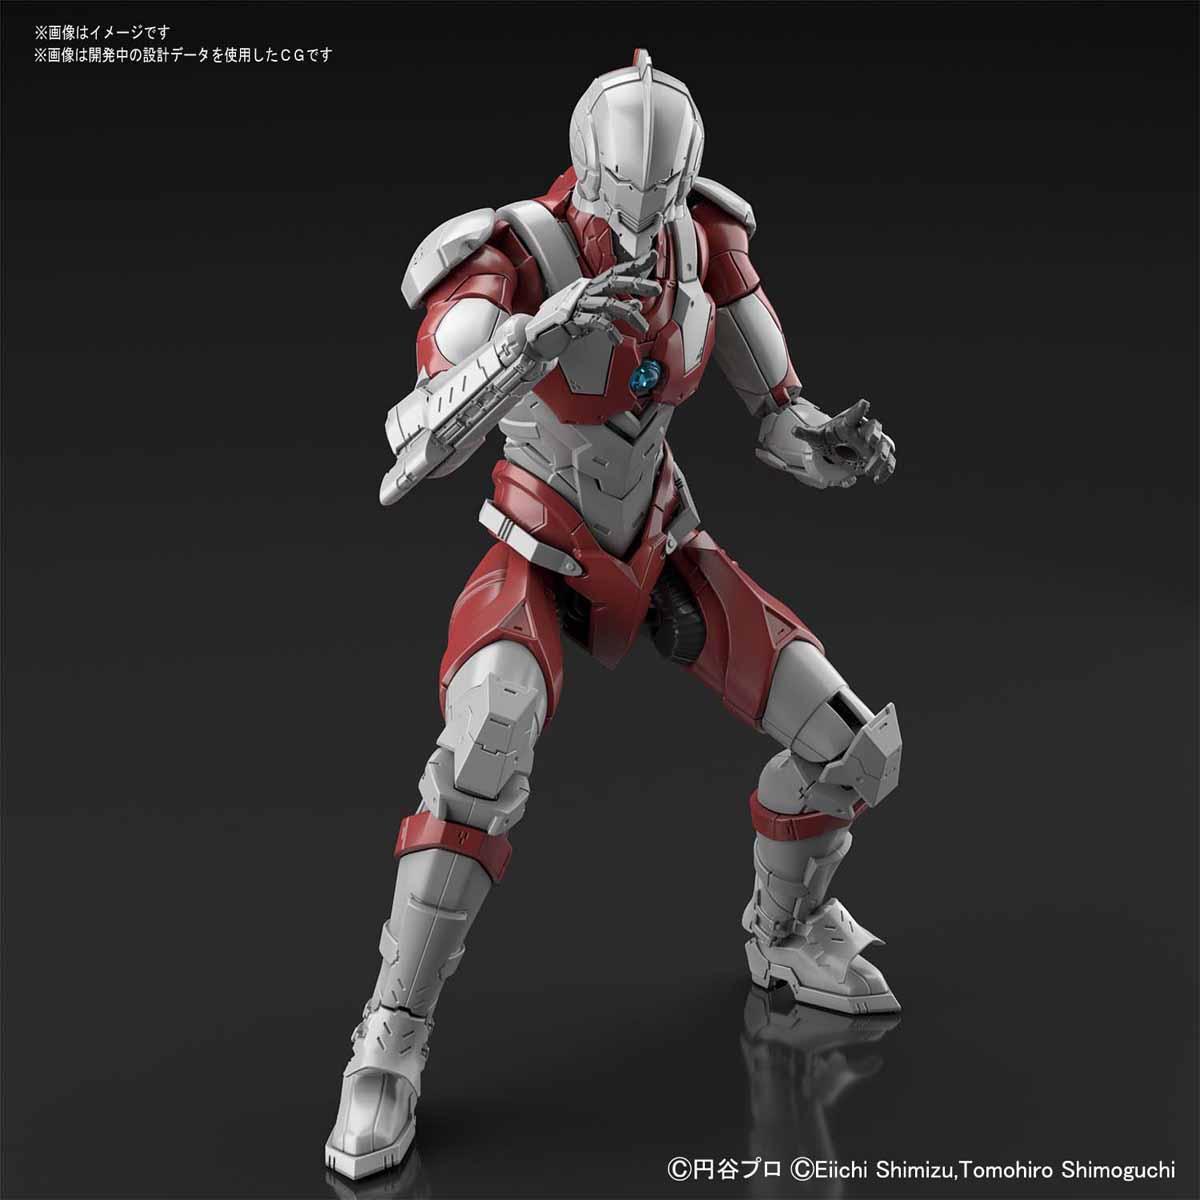 Figure-rise Standard『ULTRAMAN [B TYPE] -ACTION-』ウルトラマンスーツ Bタイプ 1/12 プラモデル-002